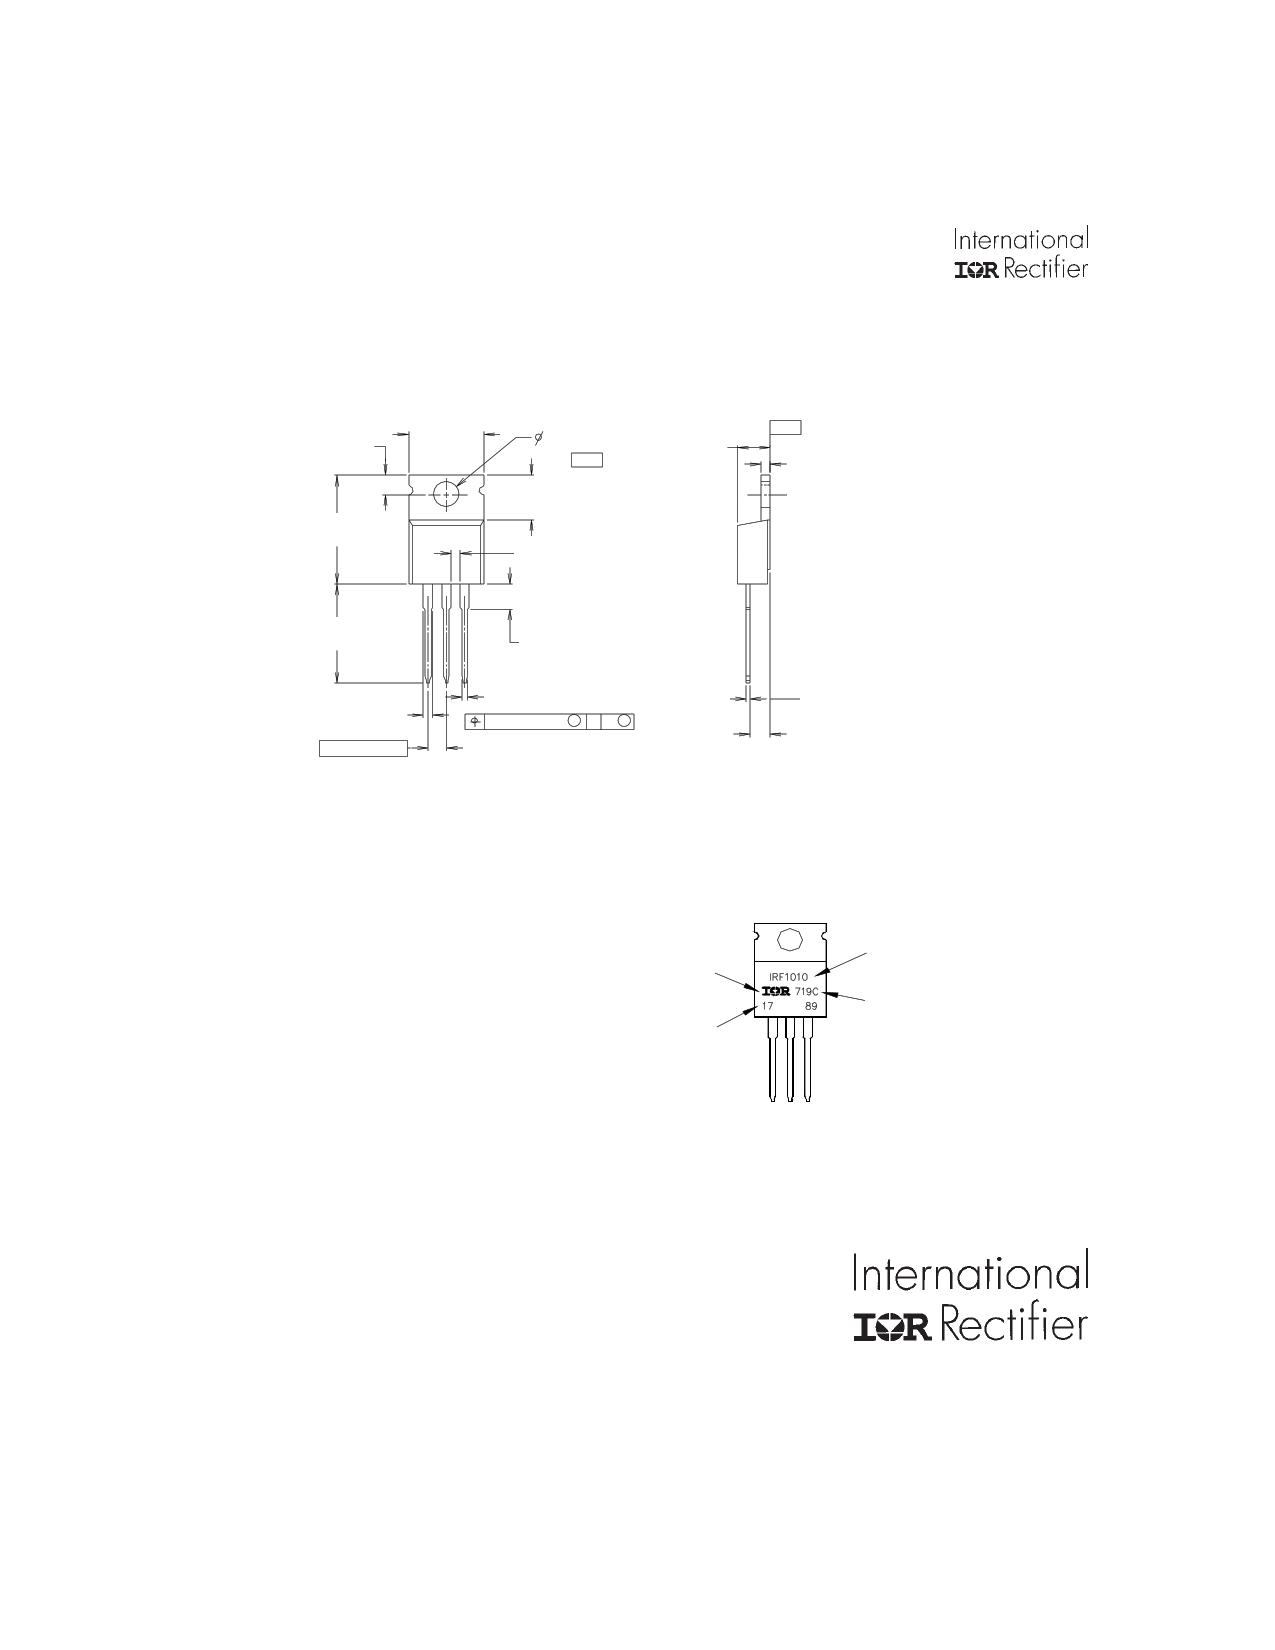 IRL3103D1PBF 電子部品, 半導体